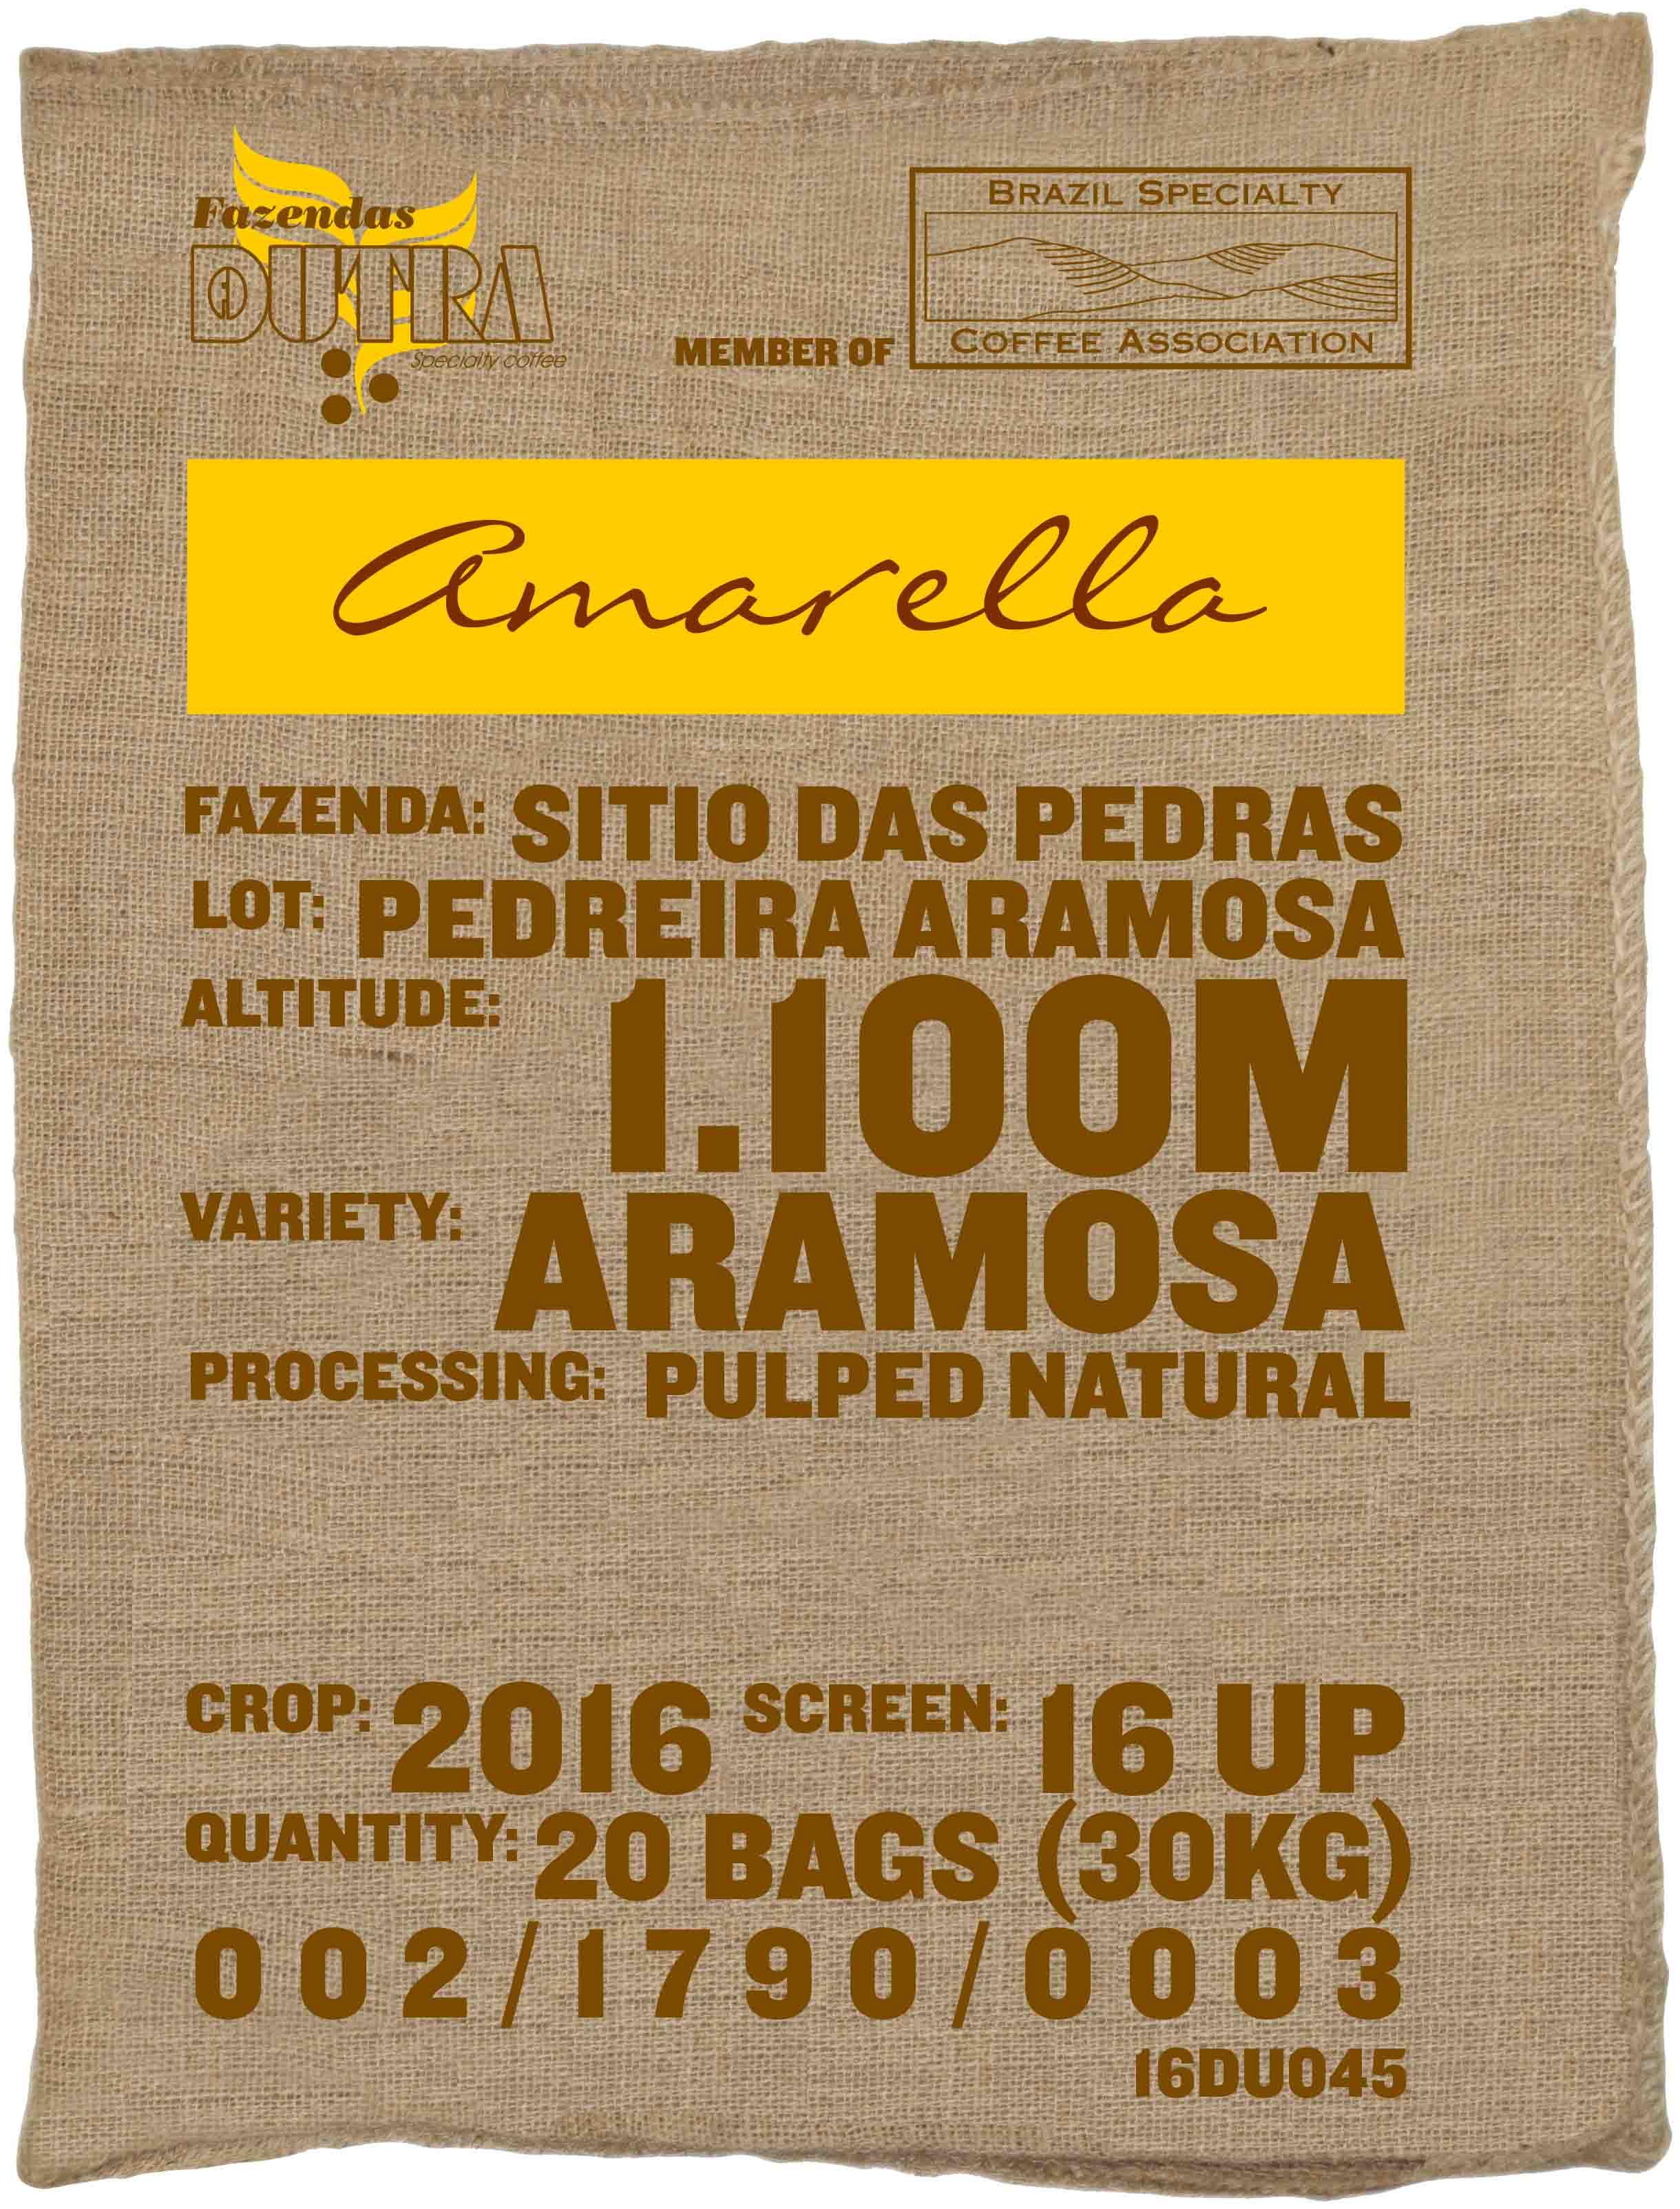 Ein Rohkaffeesack amarella Parzellenkaffee Varietät Aramosa. Fazendas Dutra Lot Pedreira Aramosa.